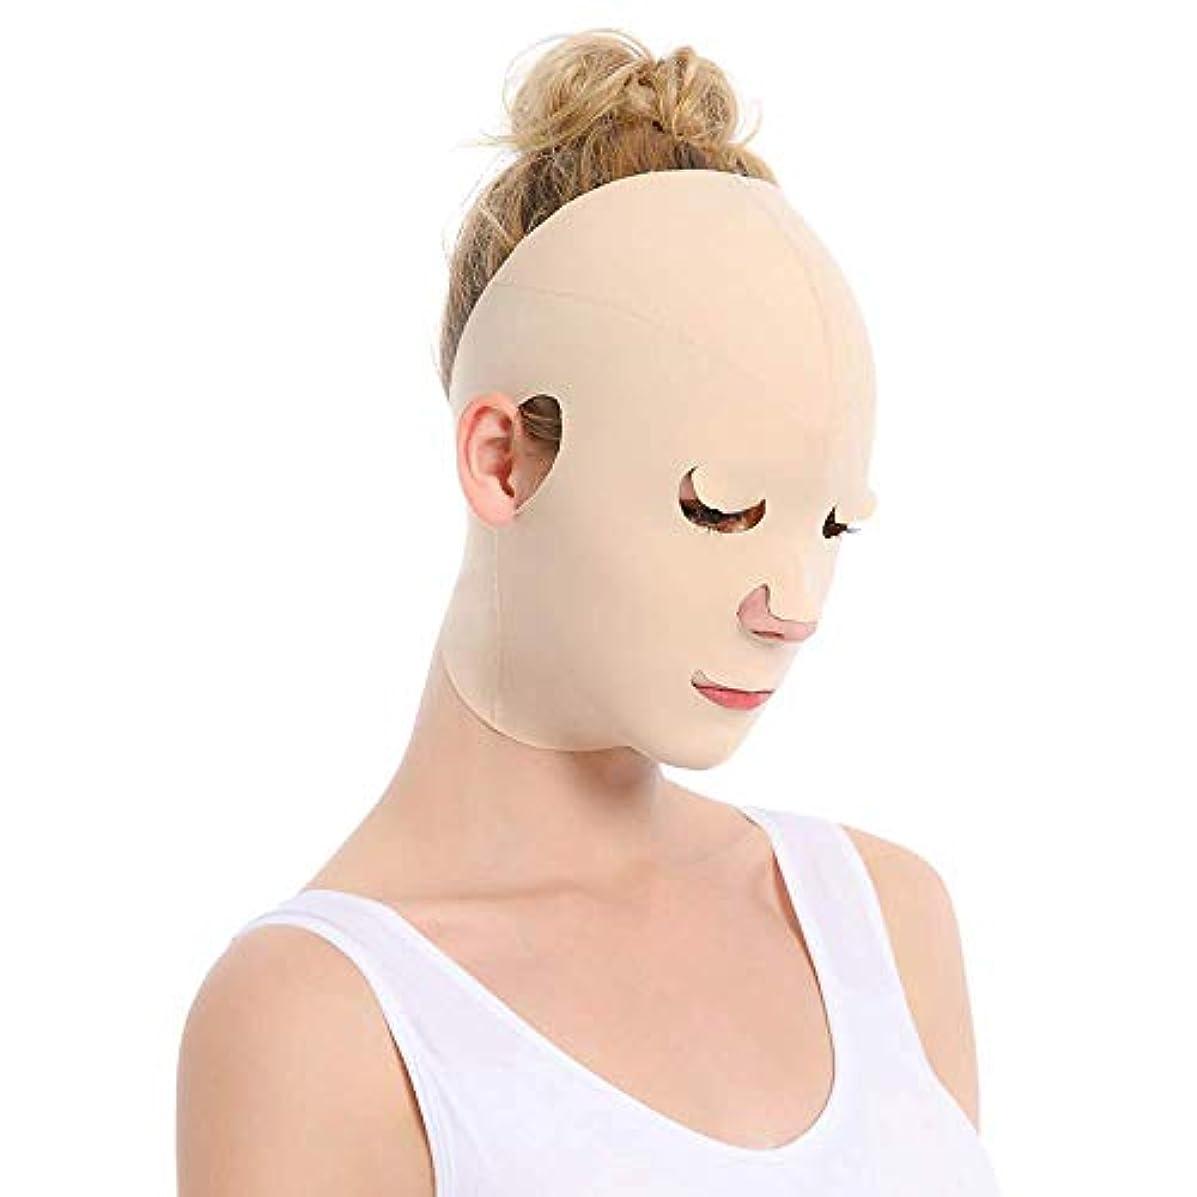 解体する慢性的ポータルスモールフェイスツールVフェイス包帯シンフェイスビューティーマスクレイジースリープマスク男性と女性Vフェイス包帯整形リフティング引き締めフェイスシンダブルチン